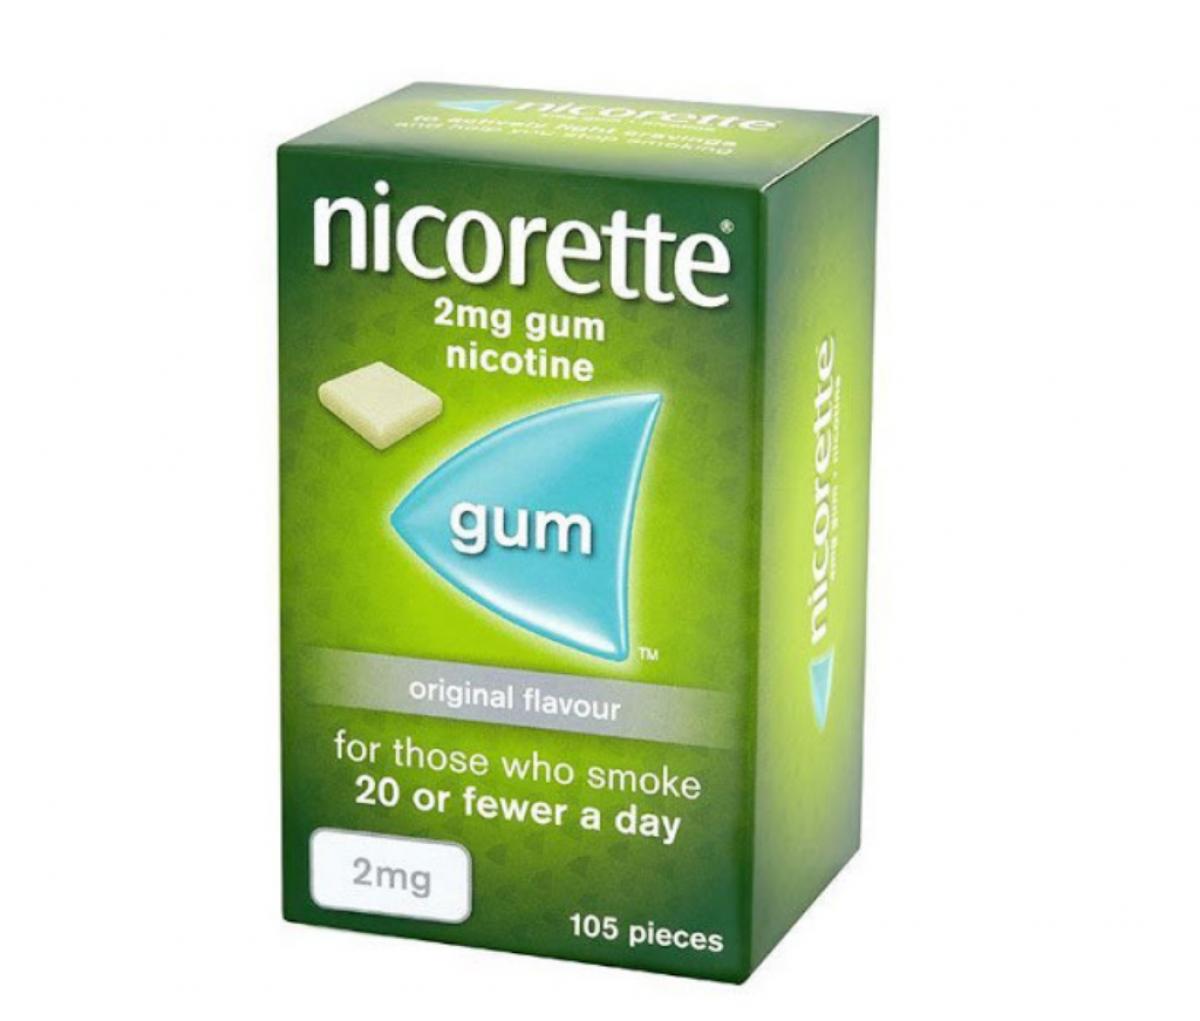 Nicorette 2mg Original Flavor Gum, 105 Pieces